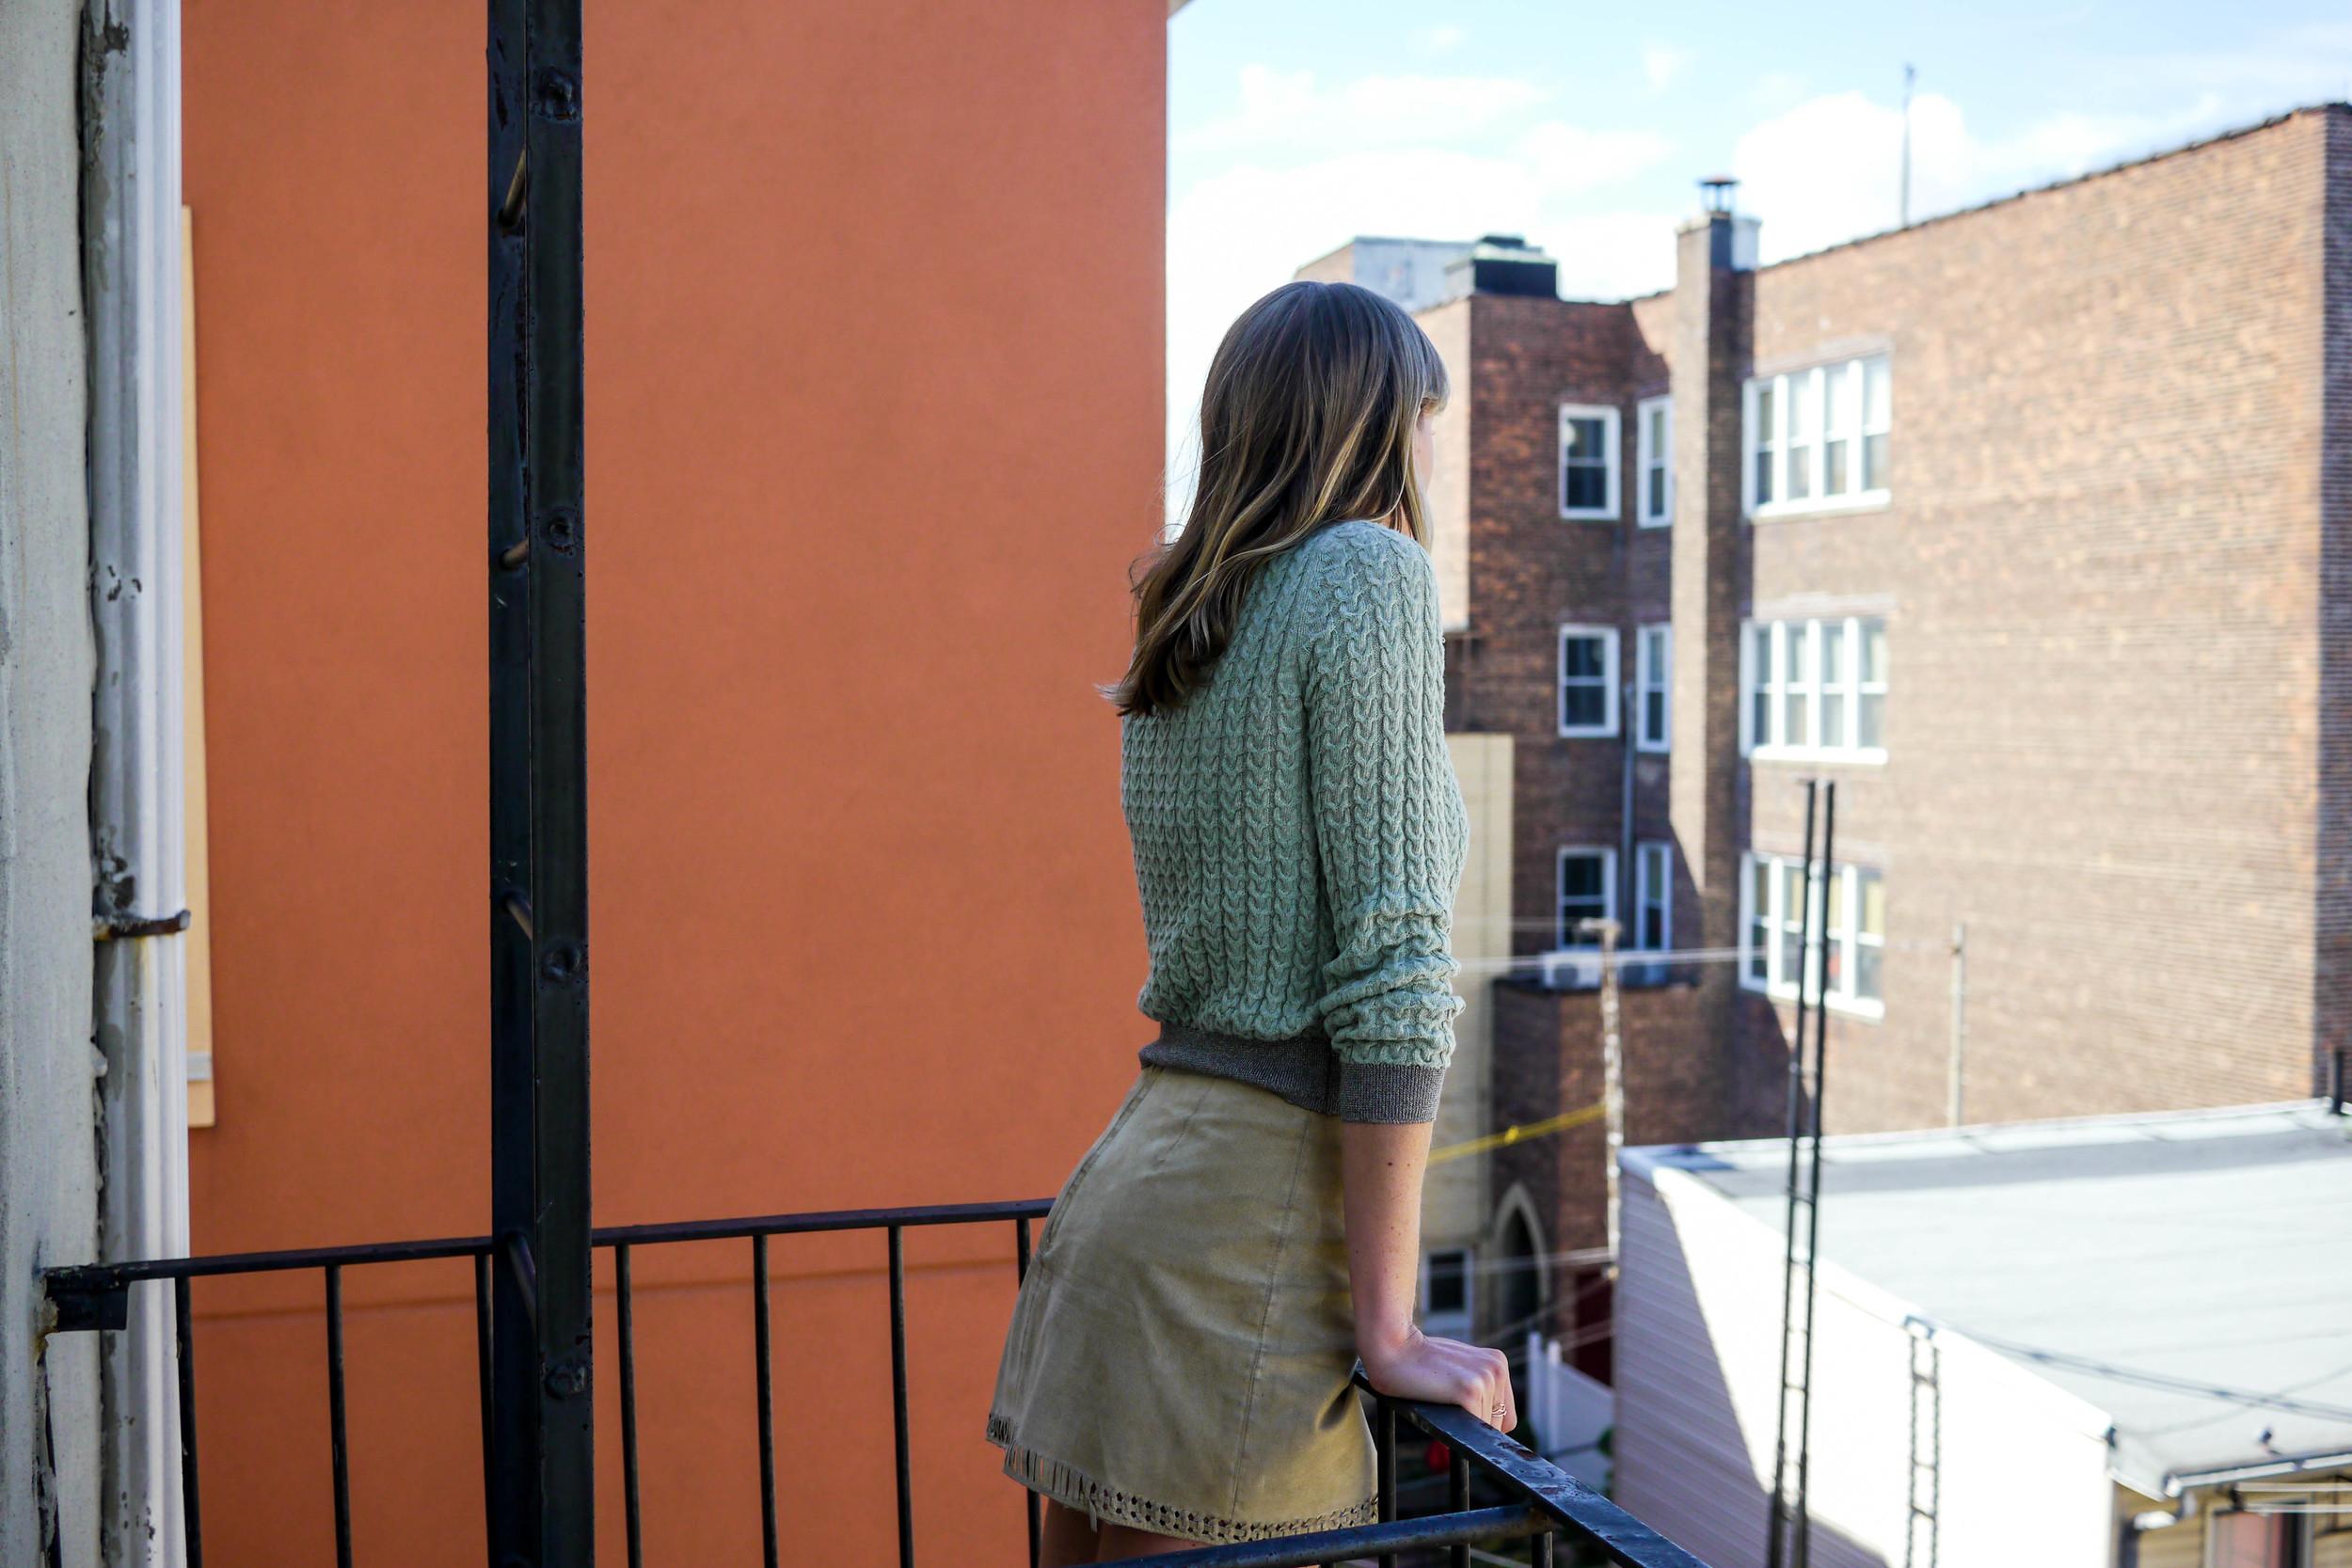 Outfit Details: Top, Zara ; Skirt, Danier